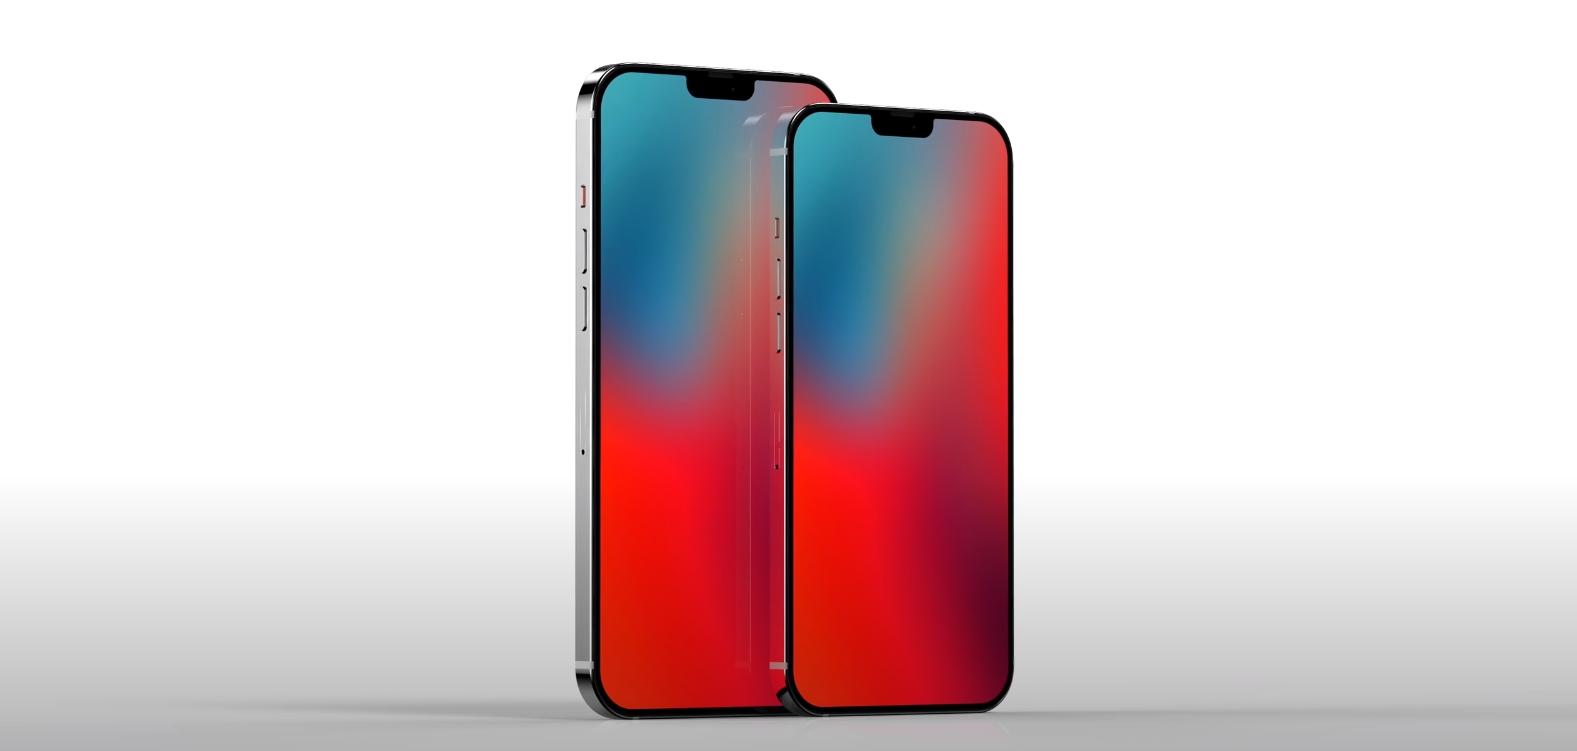 Dozvídáme se základní kapacitu úložiště a přesné názvy nových iPhonů 12